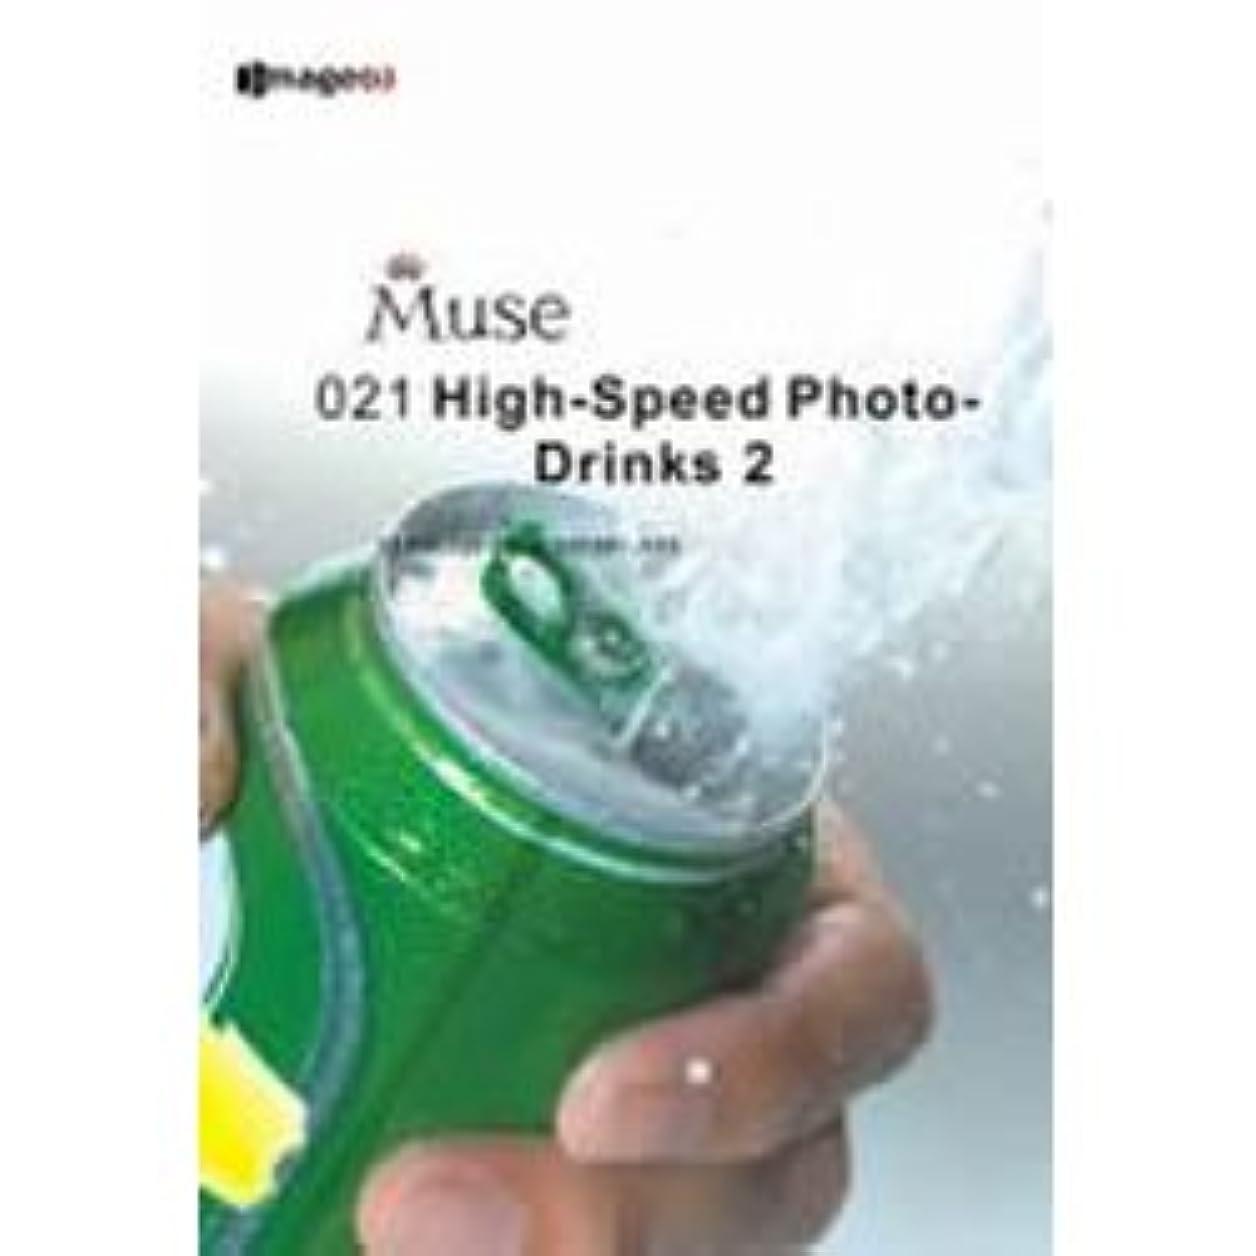 紀元前高く捨てるミューズ Vol.21 瞬間写真 飲物 (2)